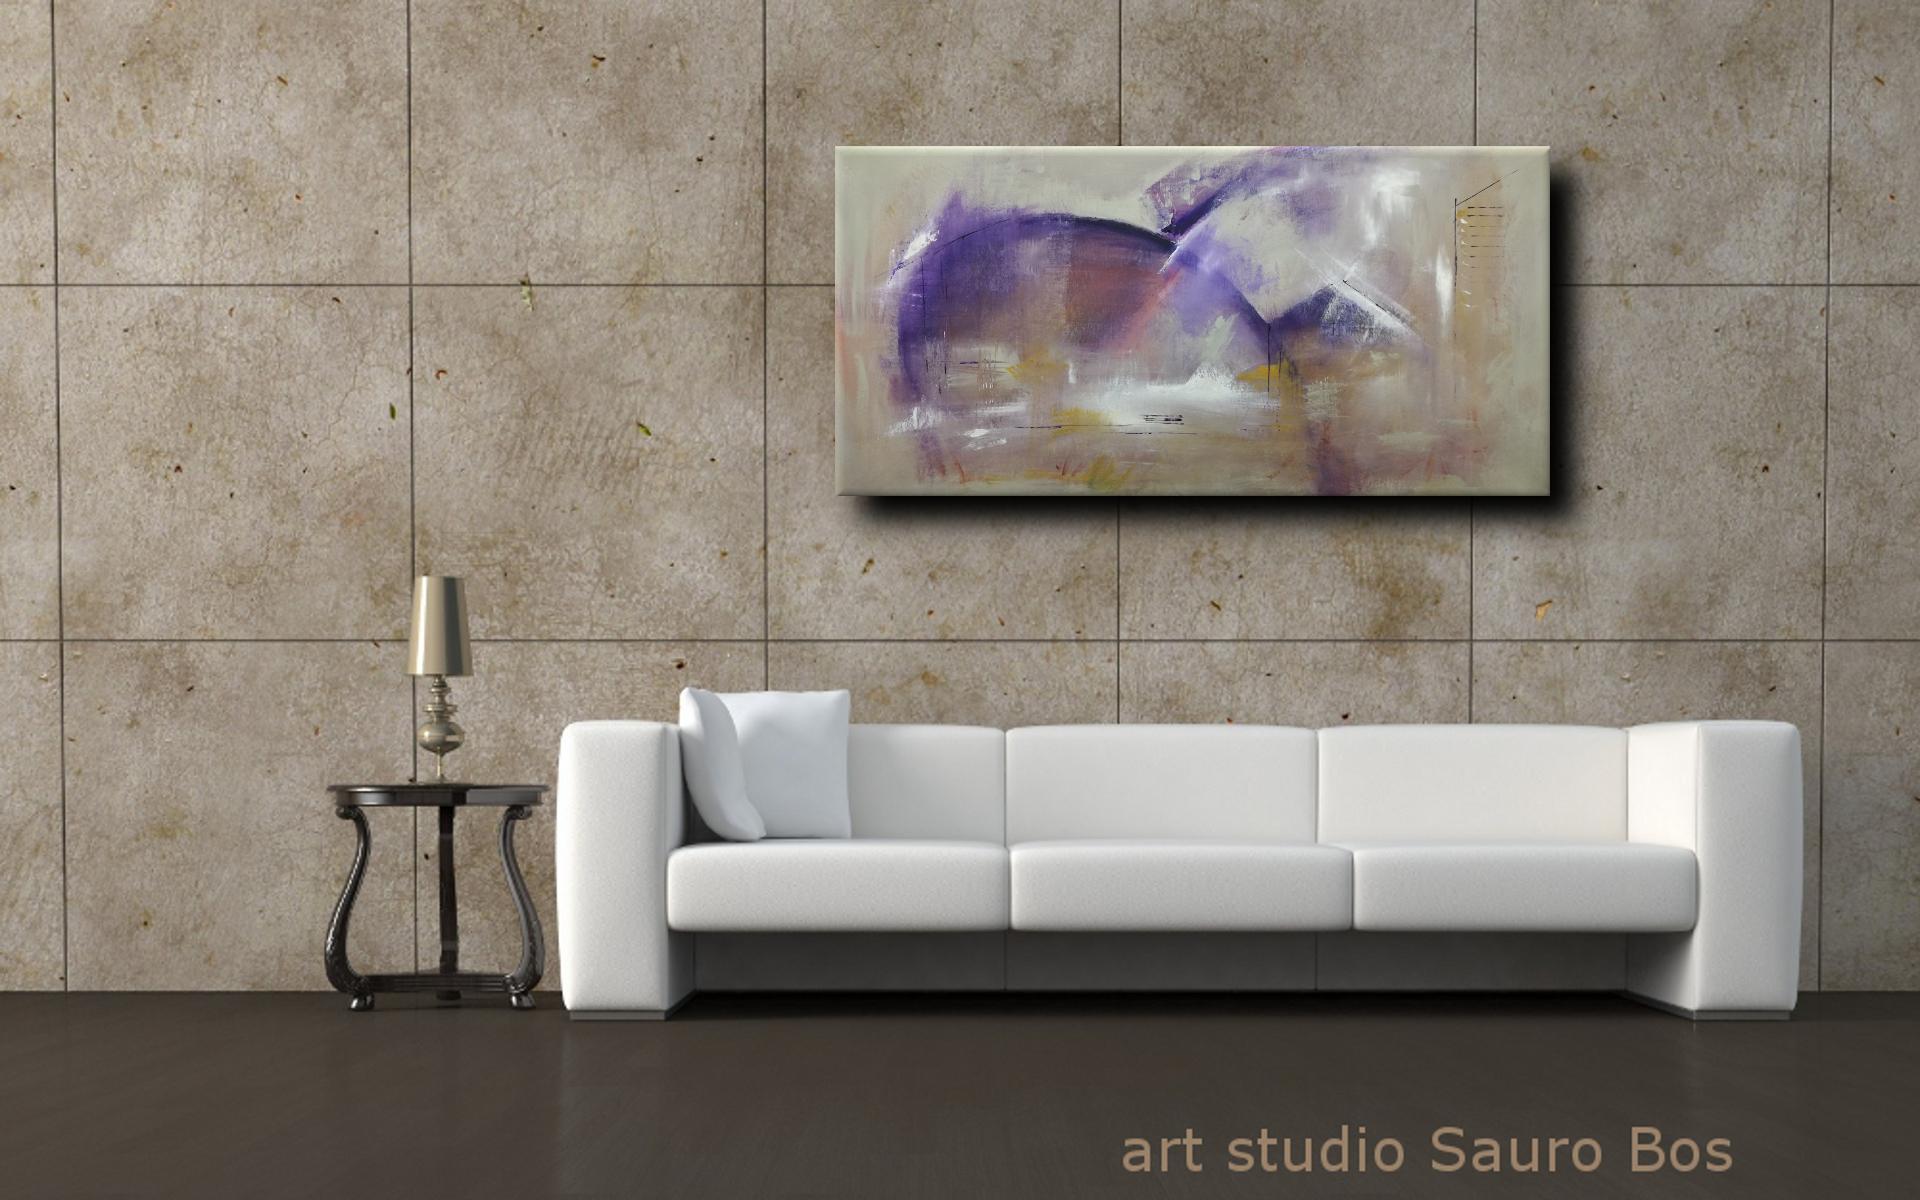 astratto C037 moderno - quadri moderni ad olio colorati su tela grandi dimensioni 120x60-viola